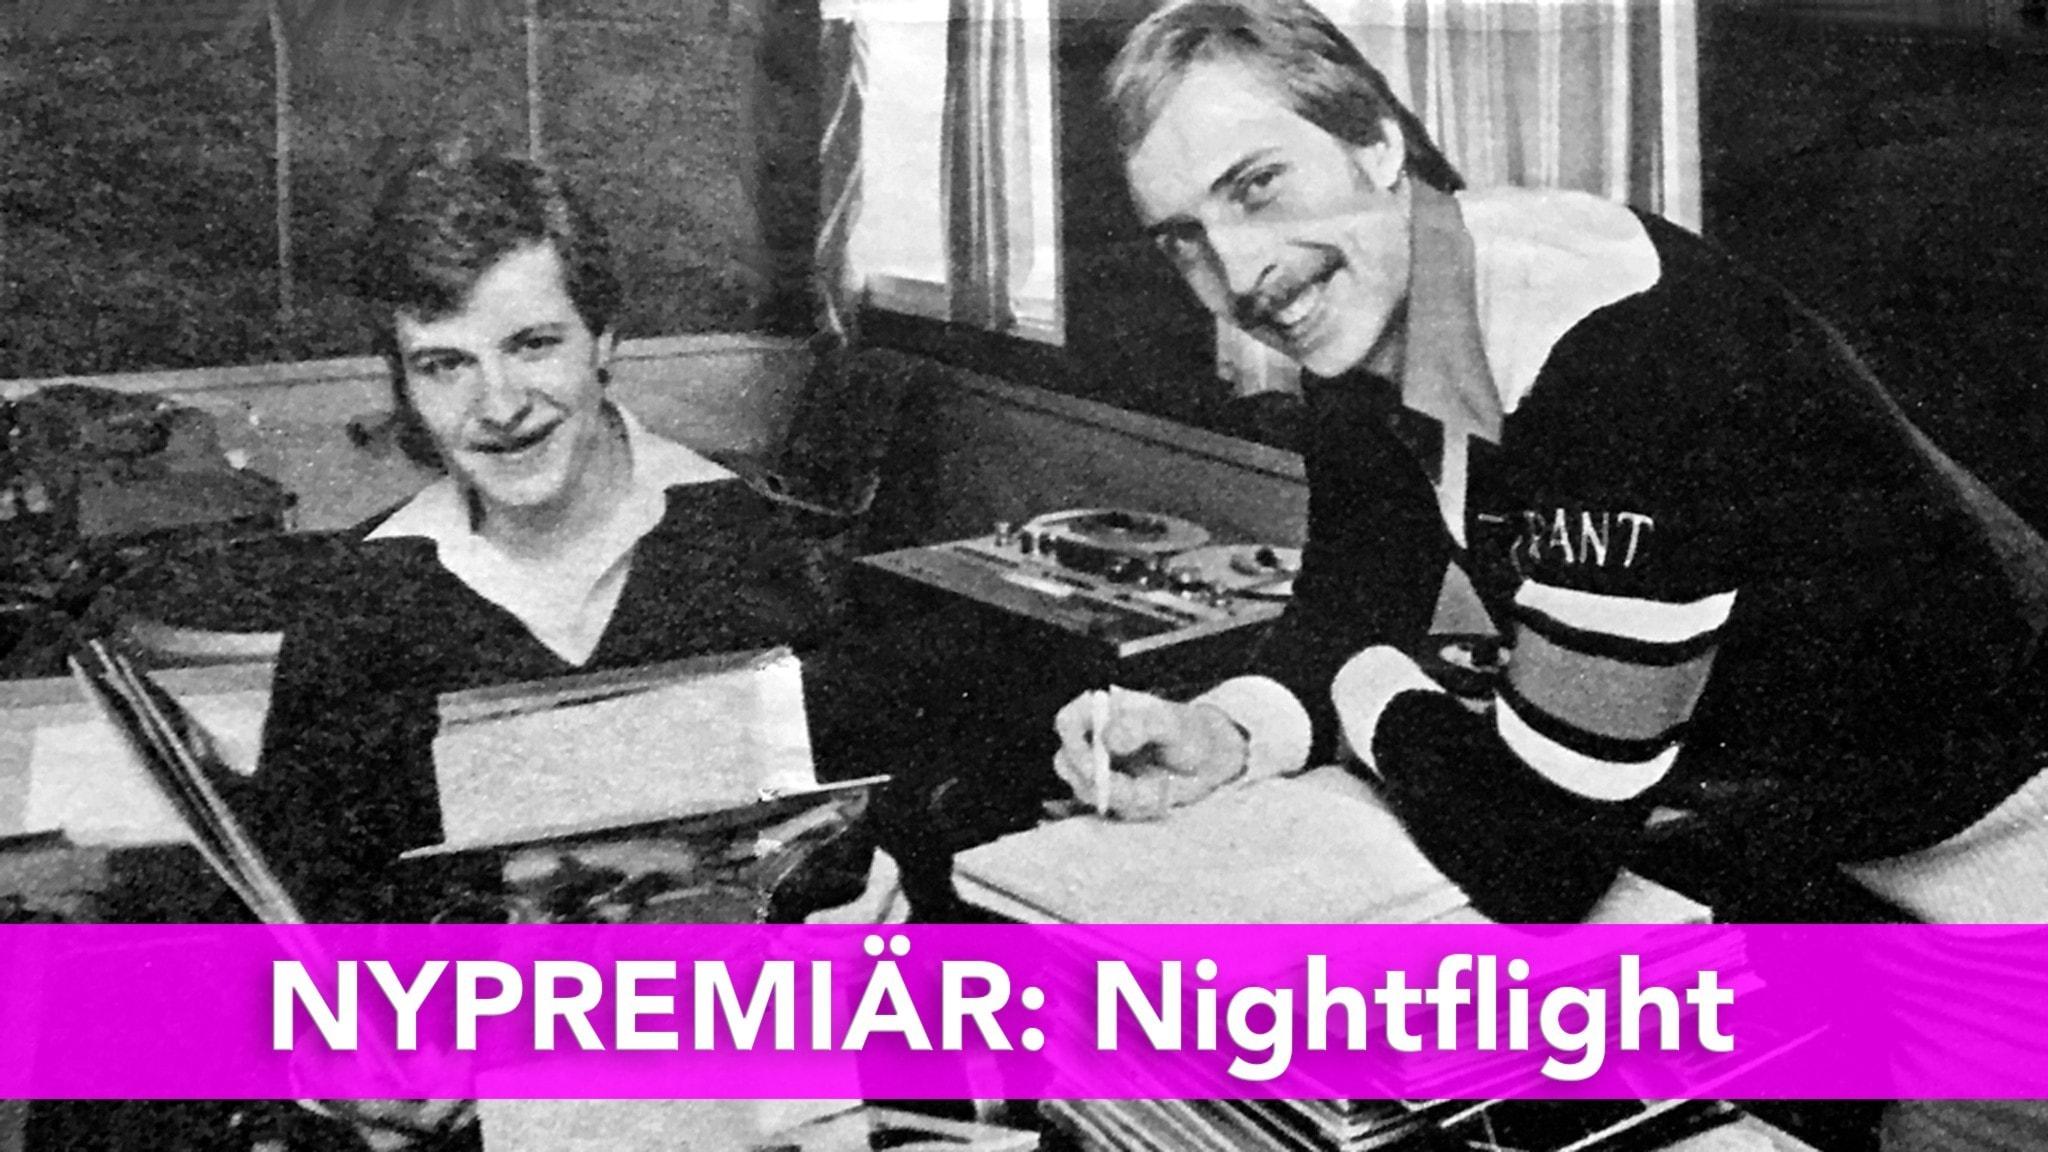 NYPREMIÄR I P4 PLUS: Nightflight - flyger igen!